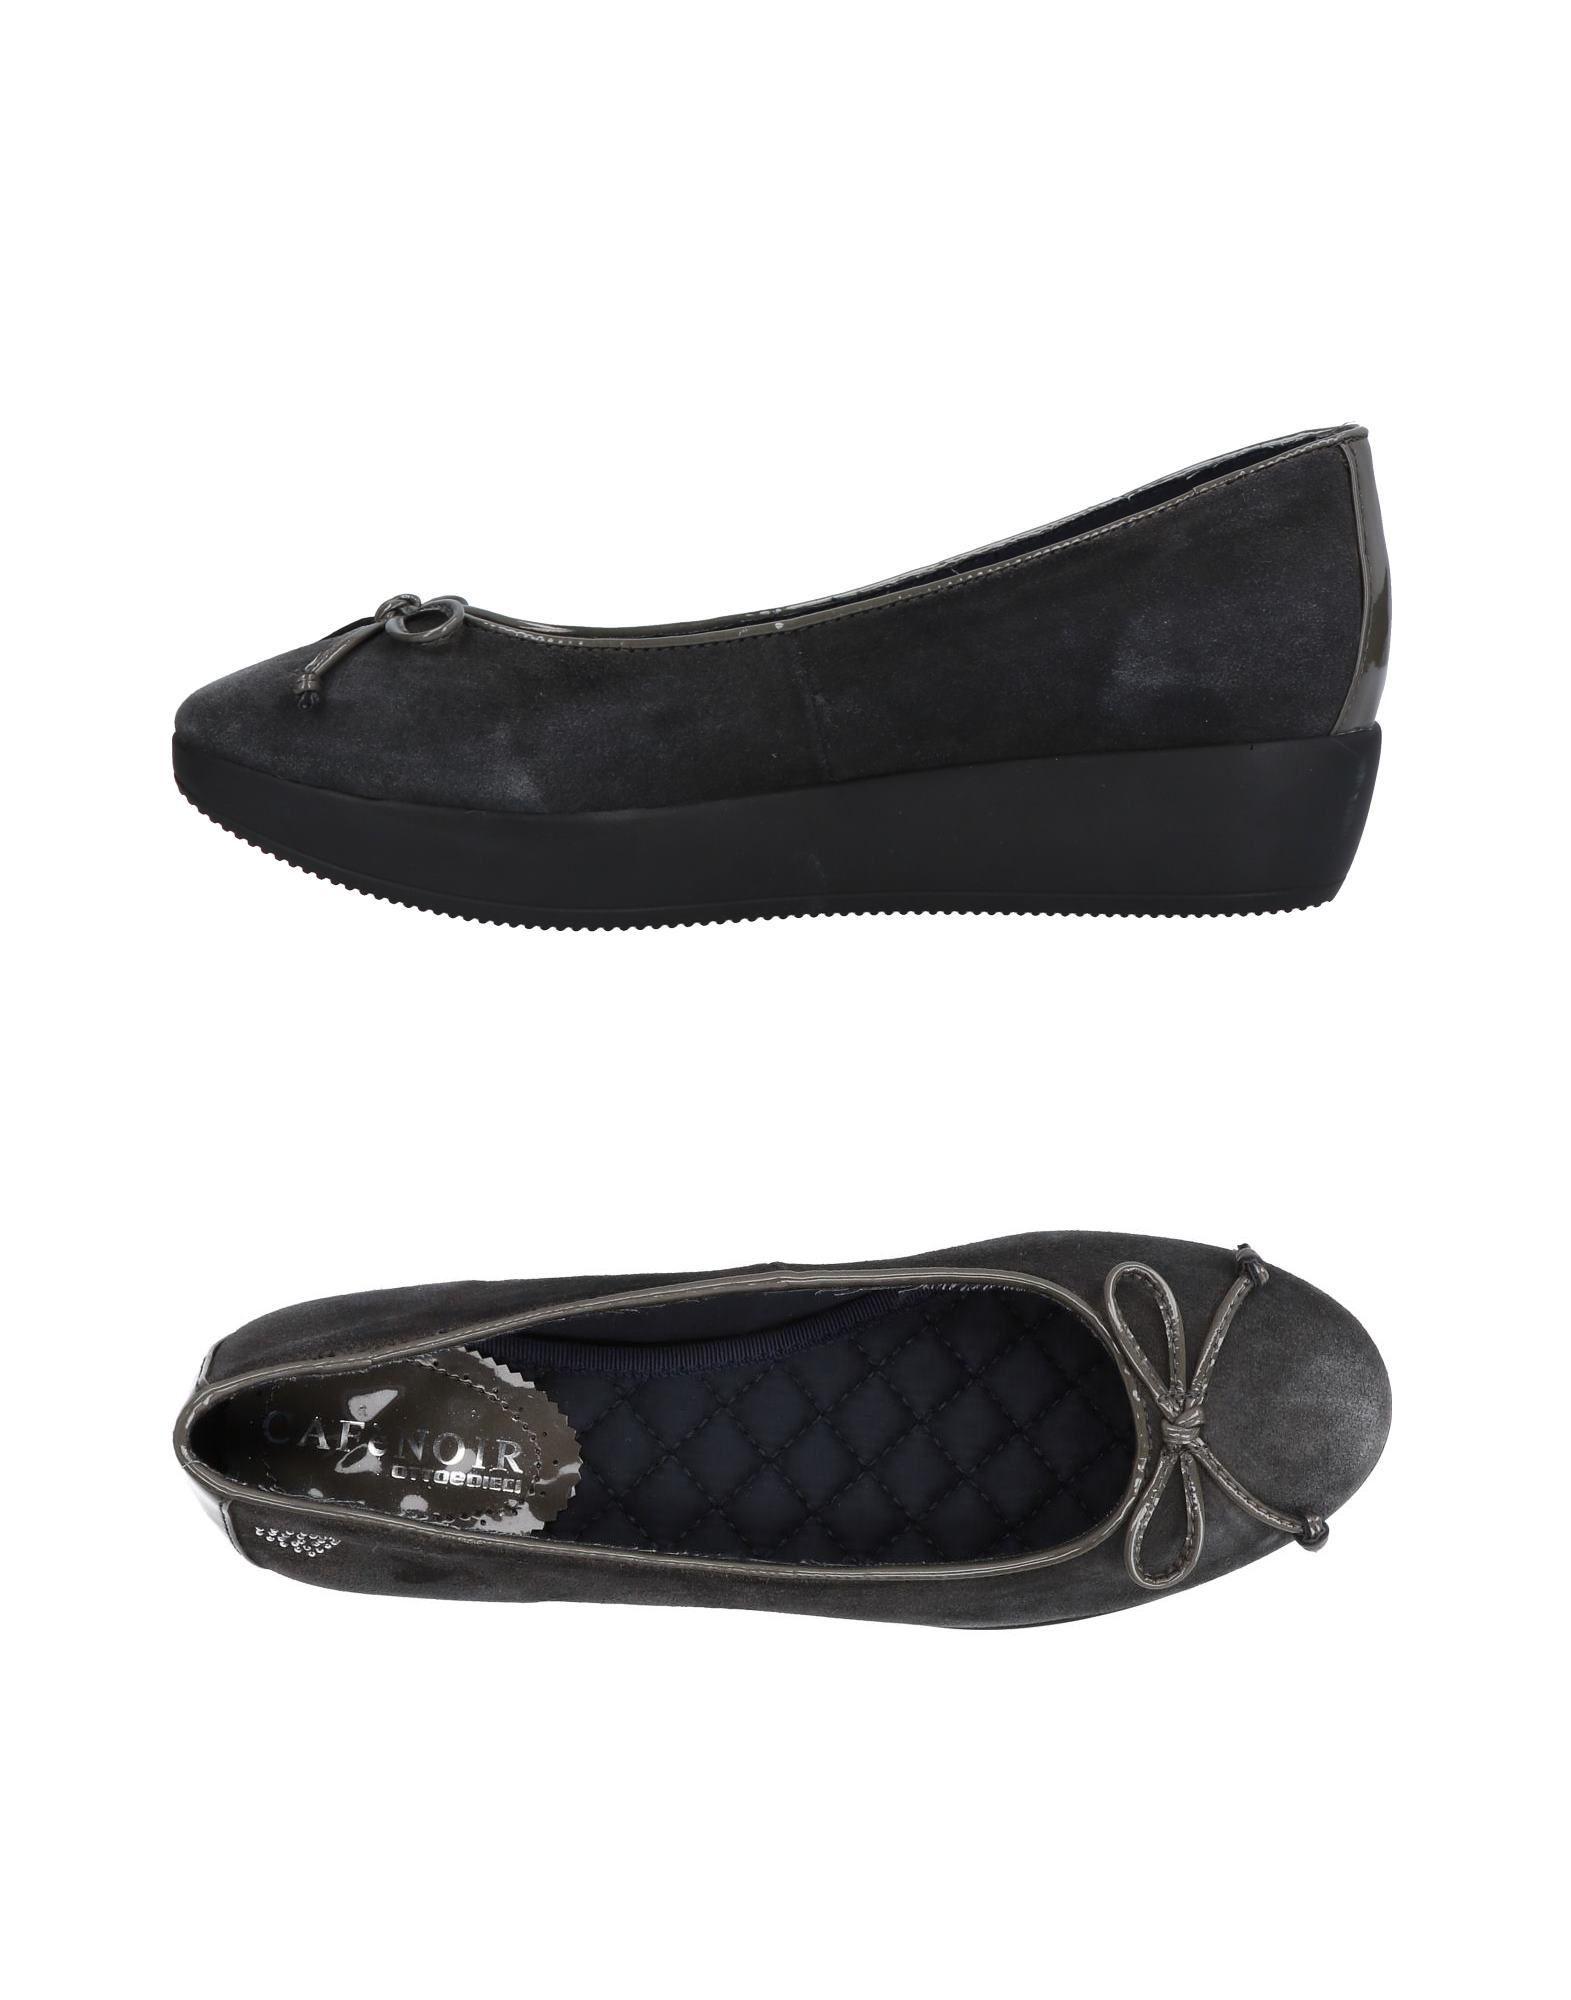 Cafènoir Pumps Damen   Damen 11457822DI Gute Qualität beliebte Schuhe 56dea4